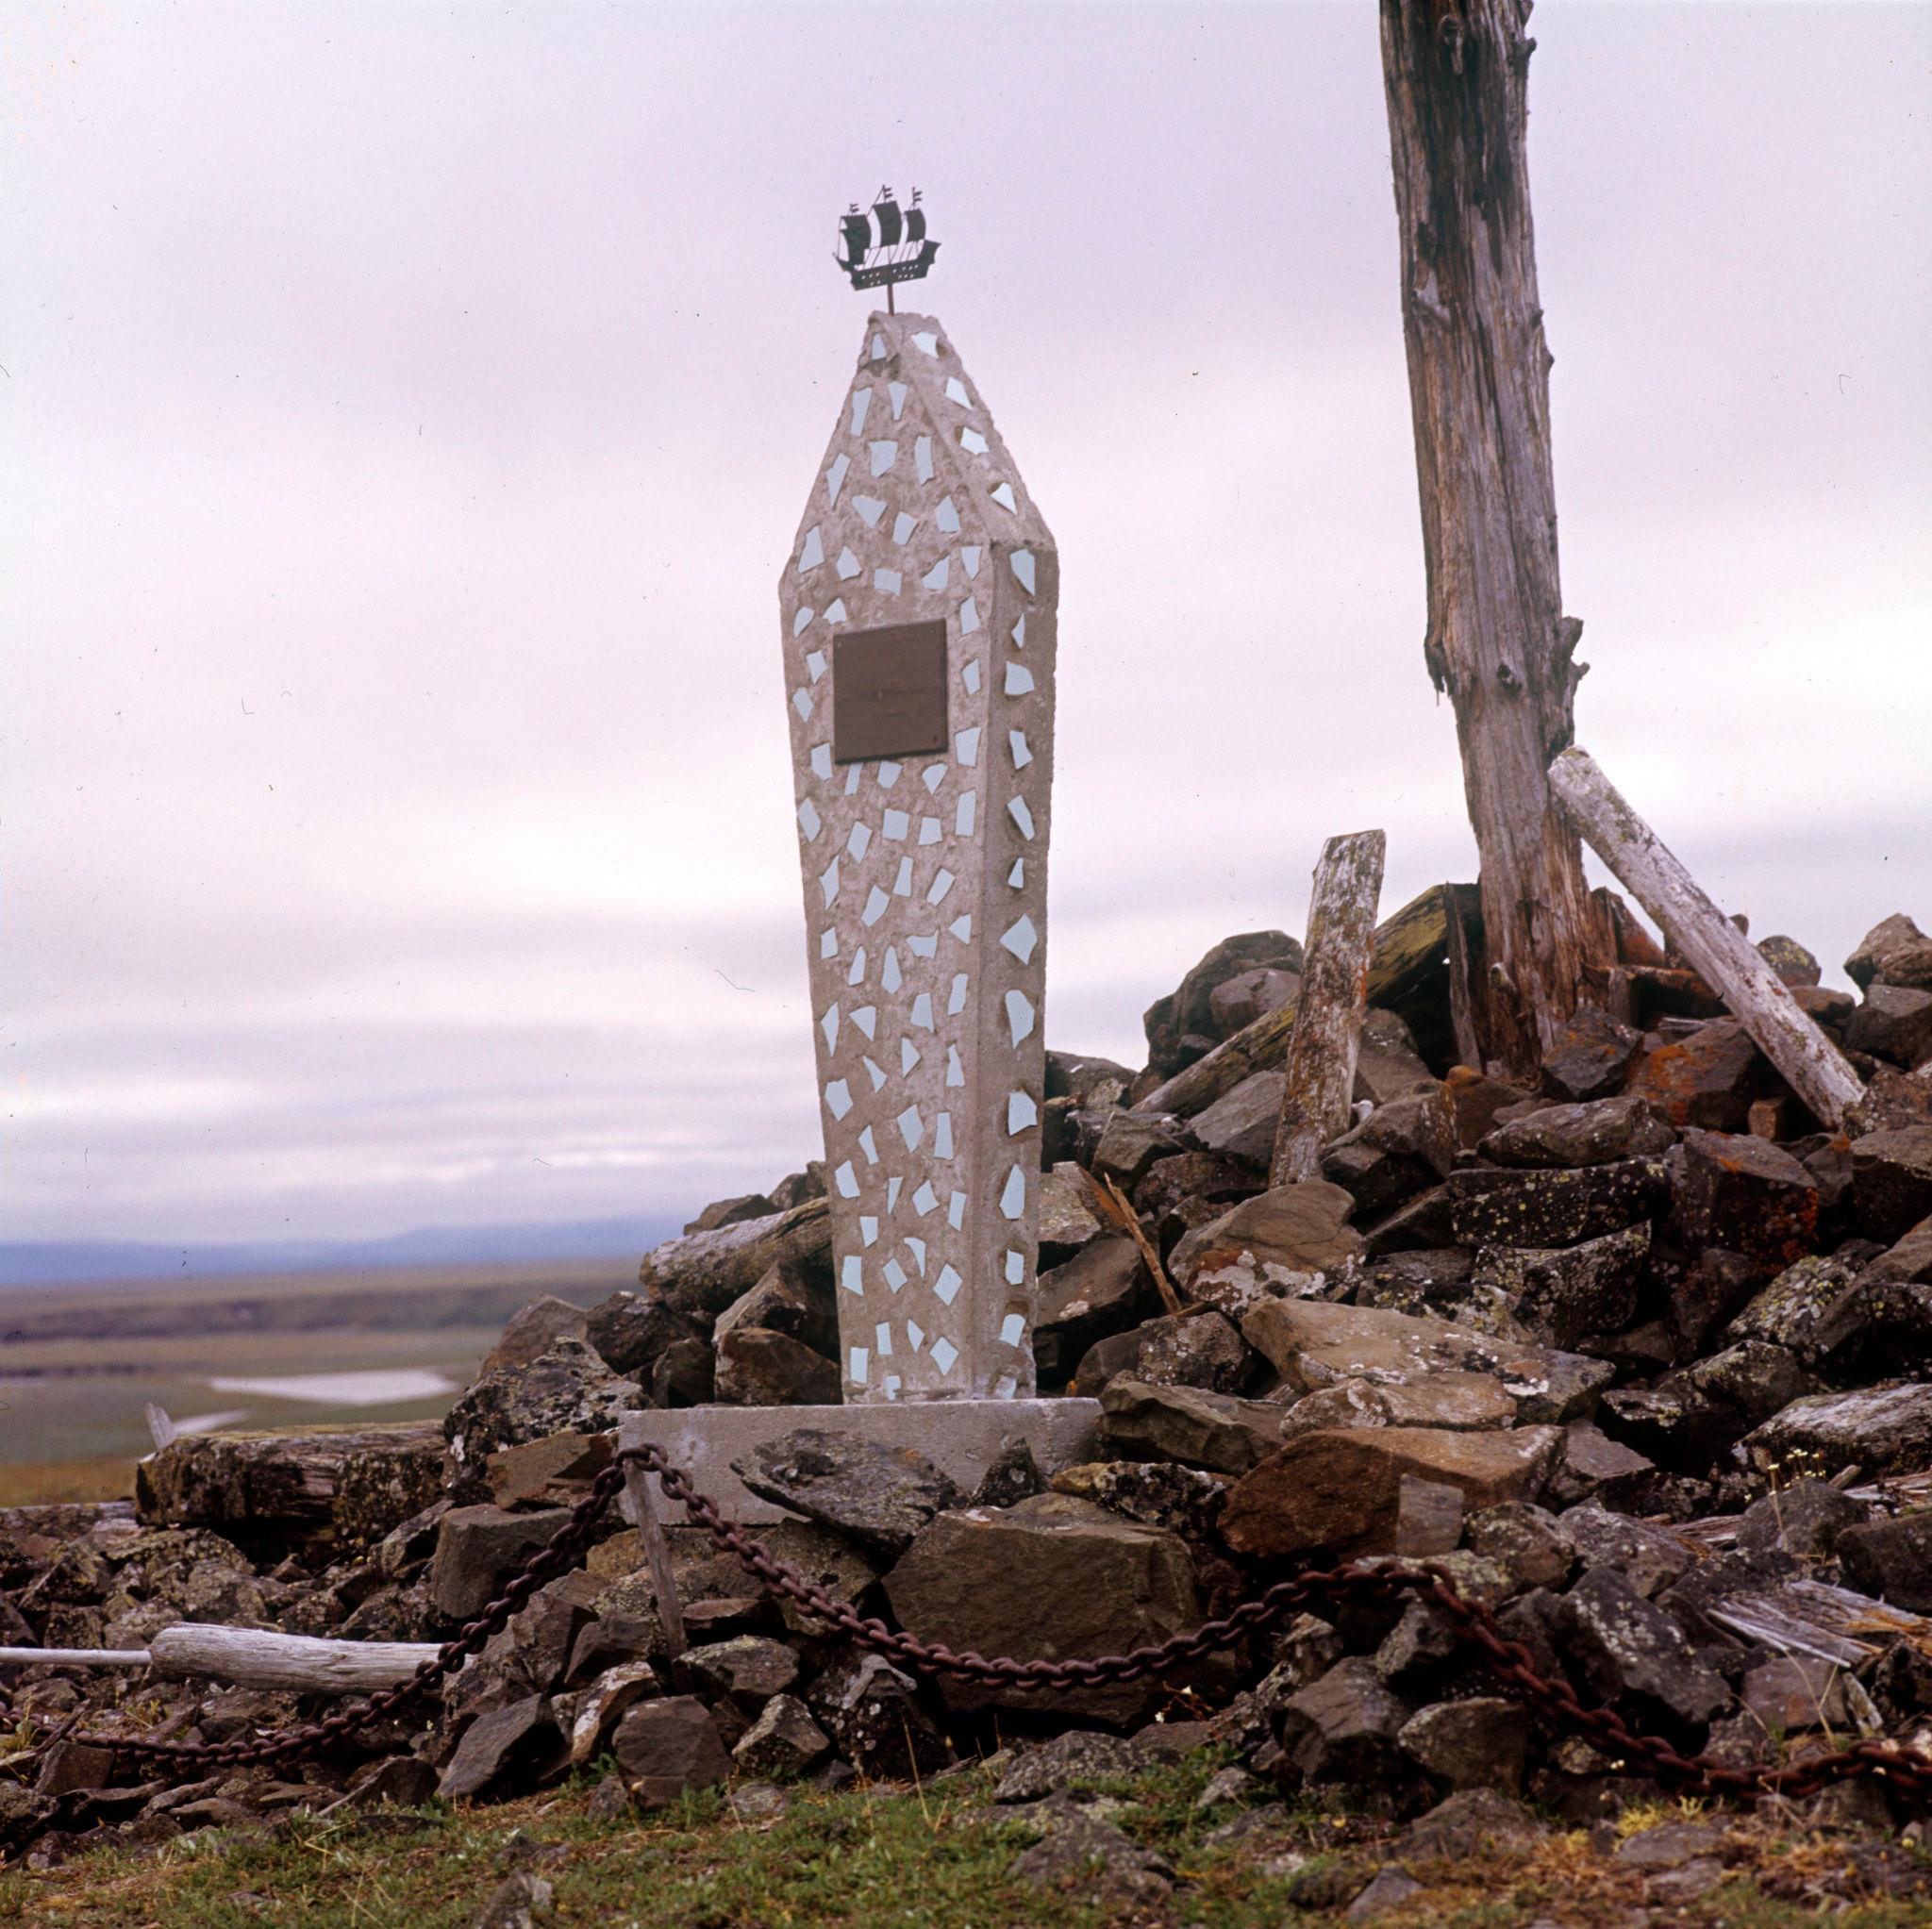 1970-е. Памятник на месте гибели экспедиции американского путешественника Де-Лонга в устье реки Лены